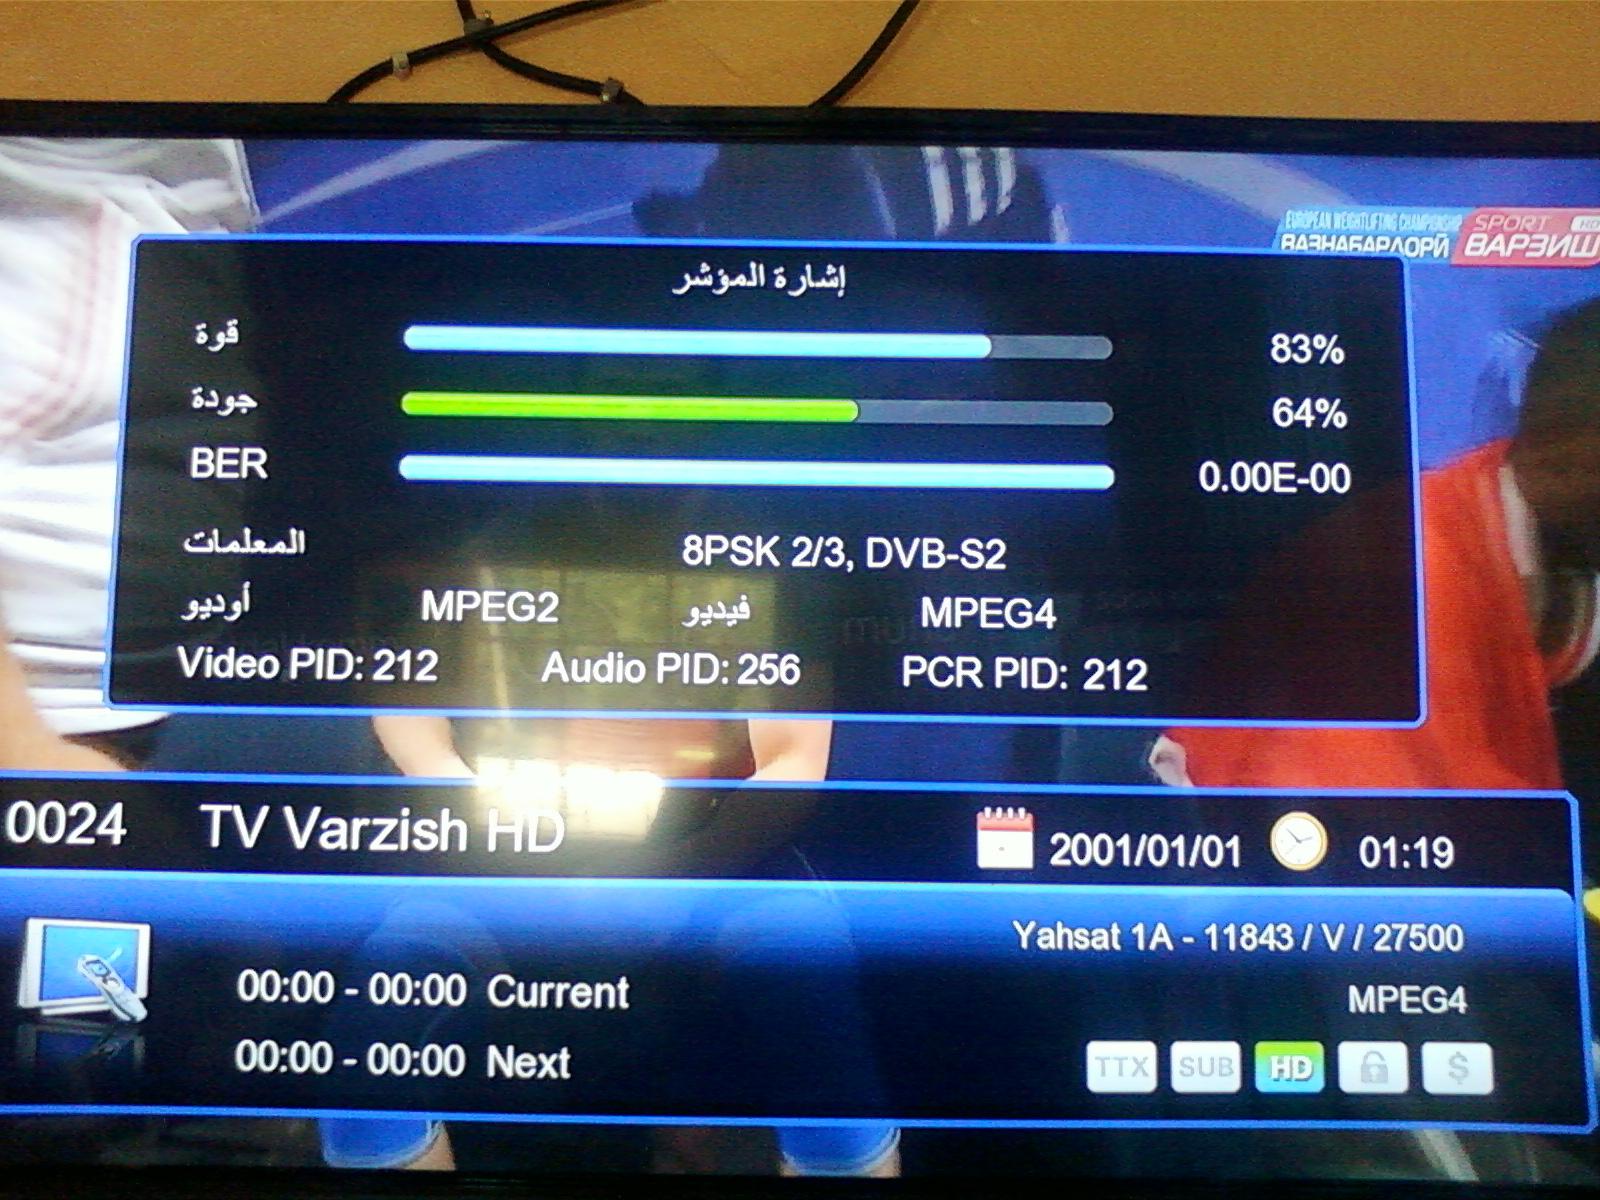 استقبال قناة Varzish Sport HD تنقل جميع المباريات